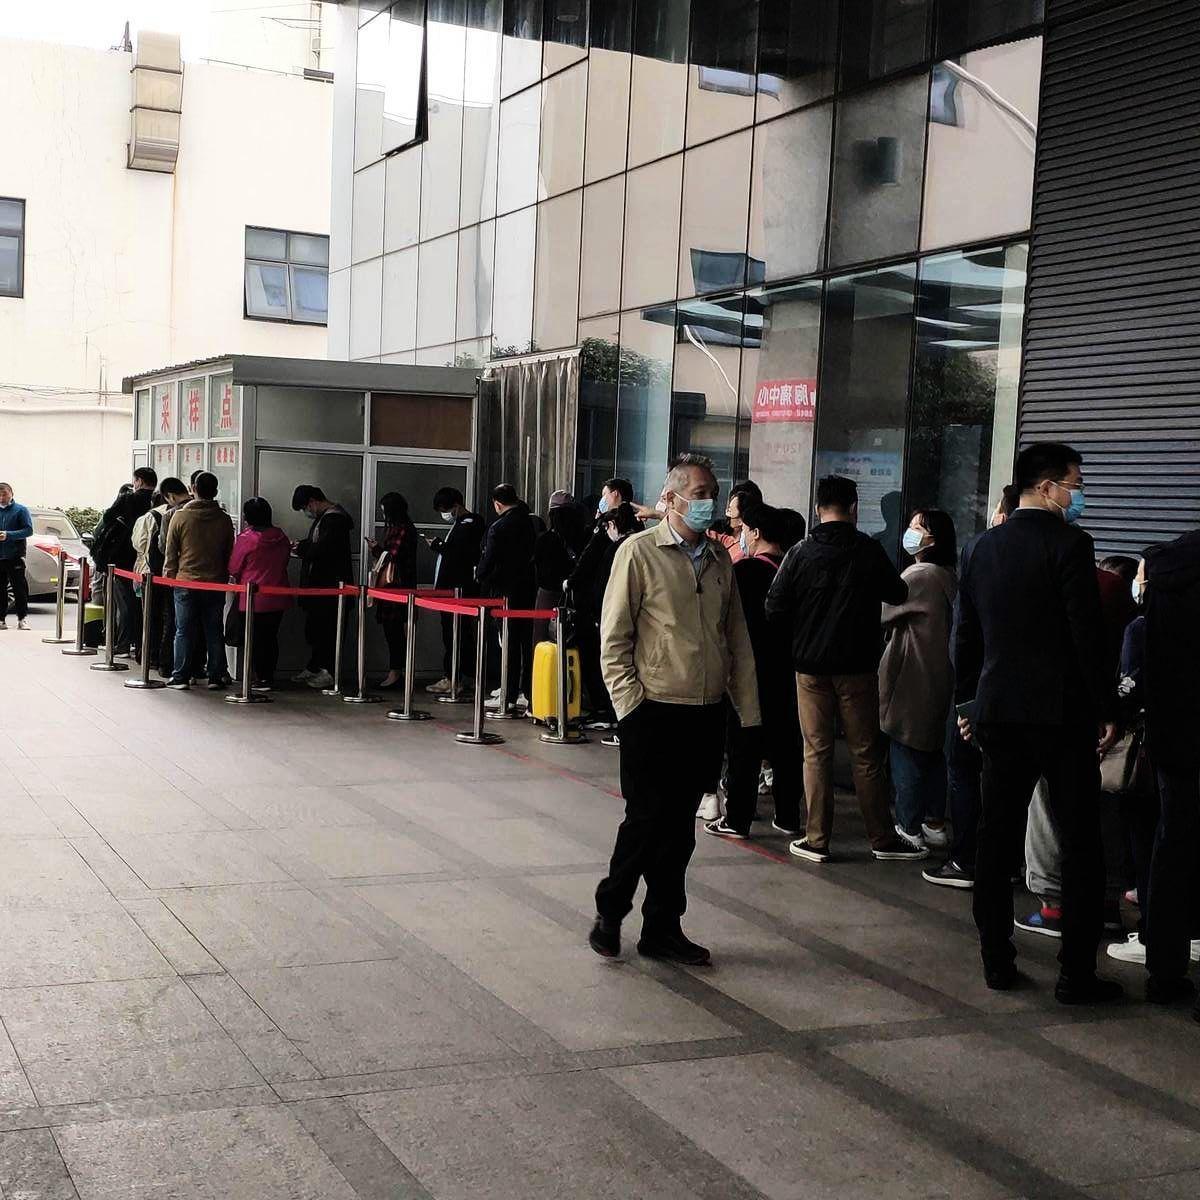 上海靜安市北醫院排隊長達一百多米,市民等待做核酸檢測。(受訪者提供)